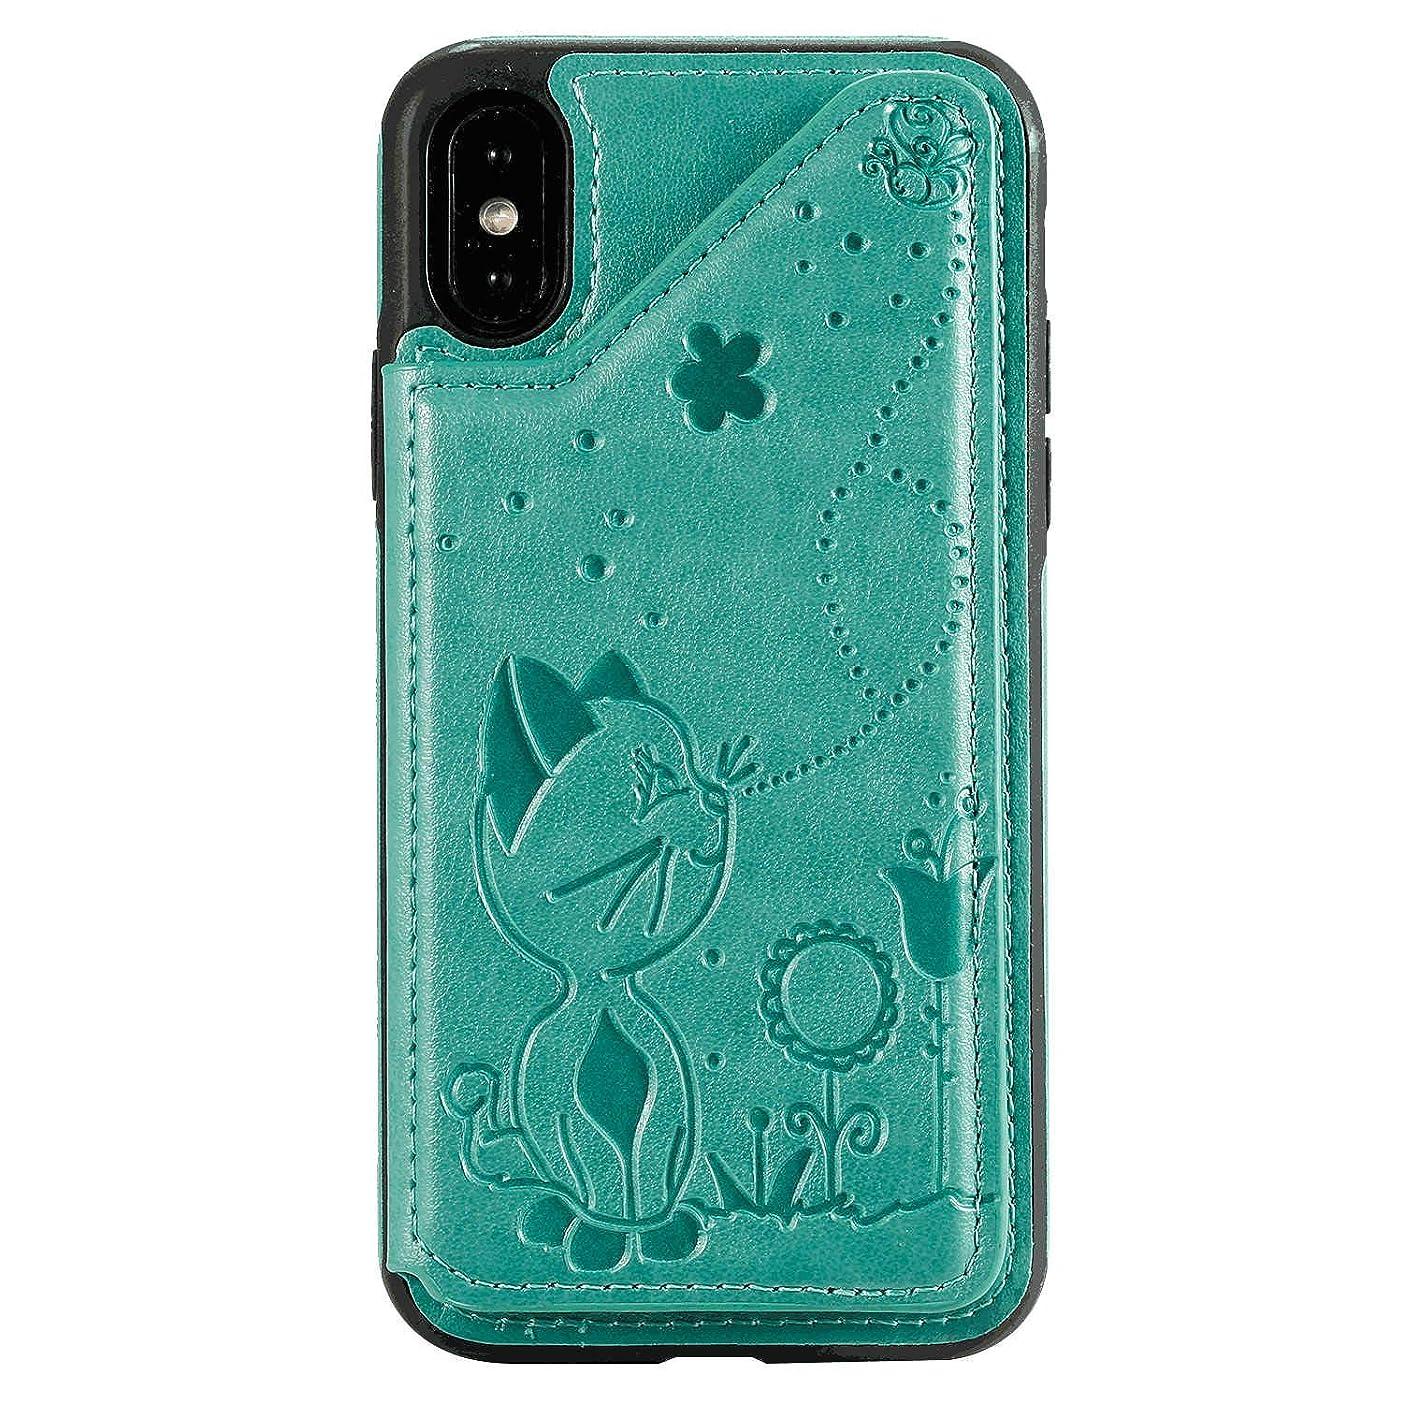 平手打ちエレメンタルチョークiPhone 11 Pro PUレザー ケース, 手帳型 ケース 本革 カバー収納 高級 ビジネス 財布 携帯カバー 手帳型ケース iPhone アイフォン 11 Pro レザーケース